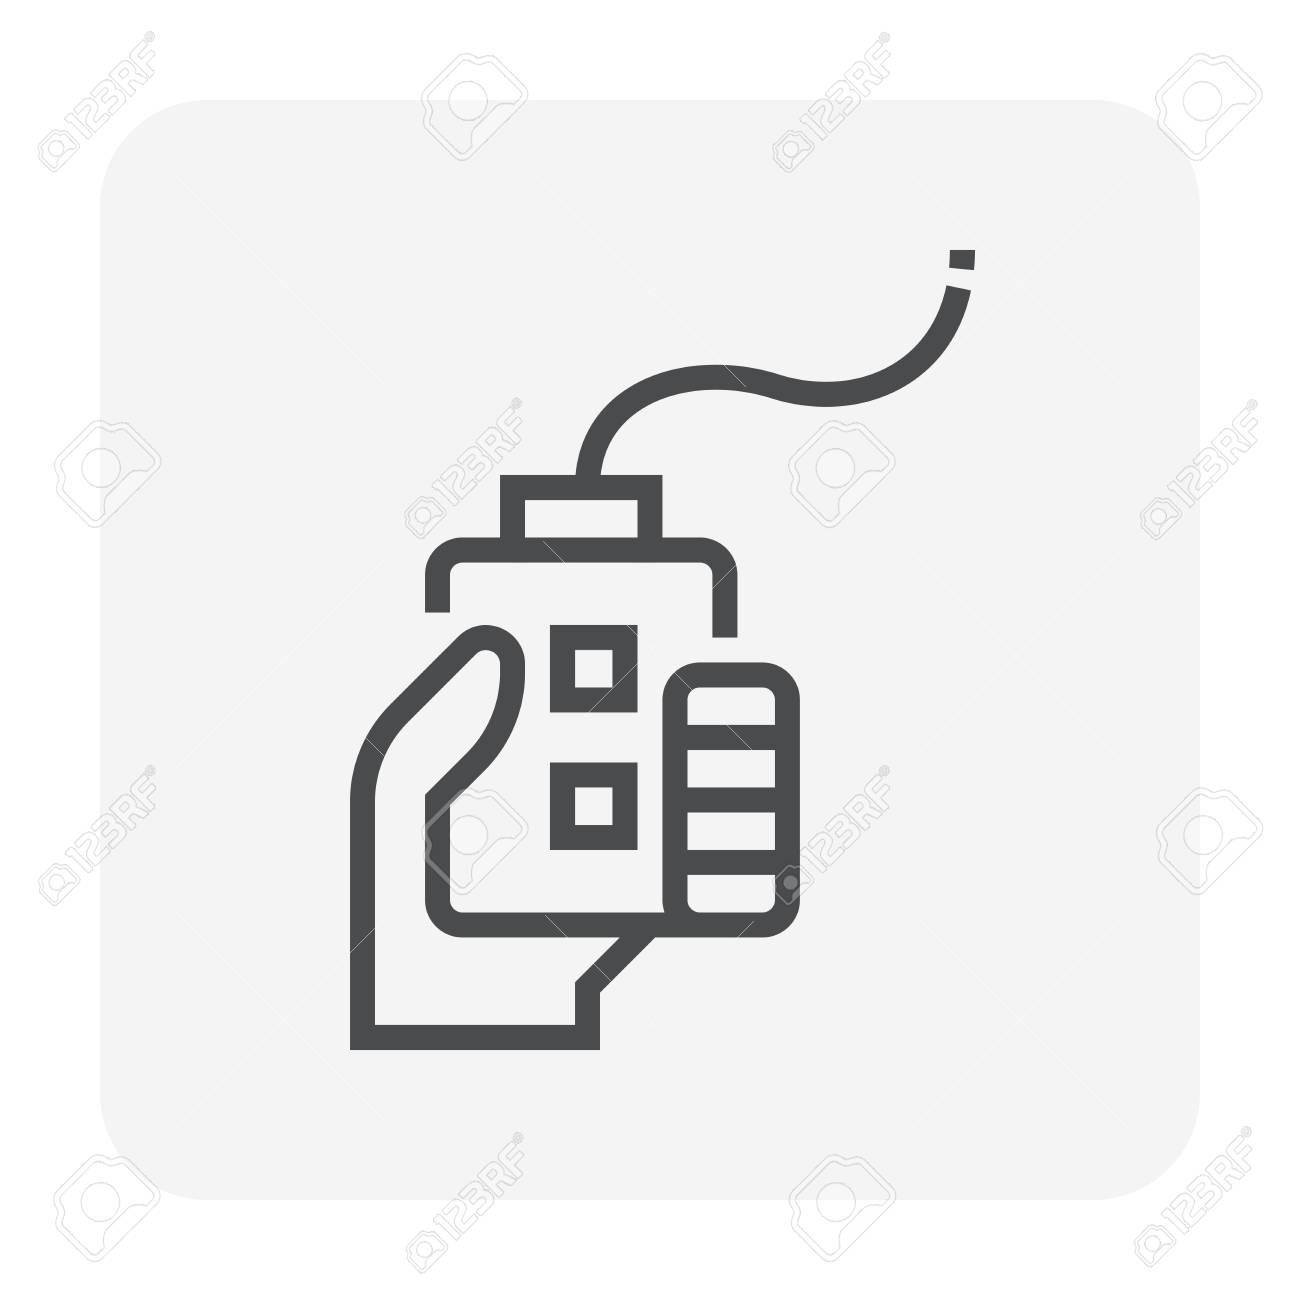 Machine remote control icon design, 64x64 perfect pixel and editable